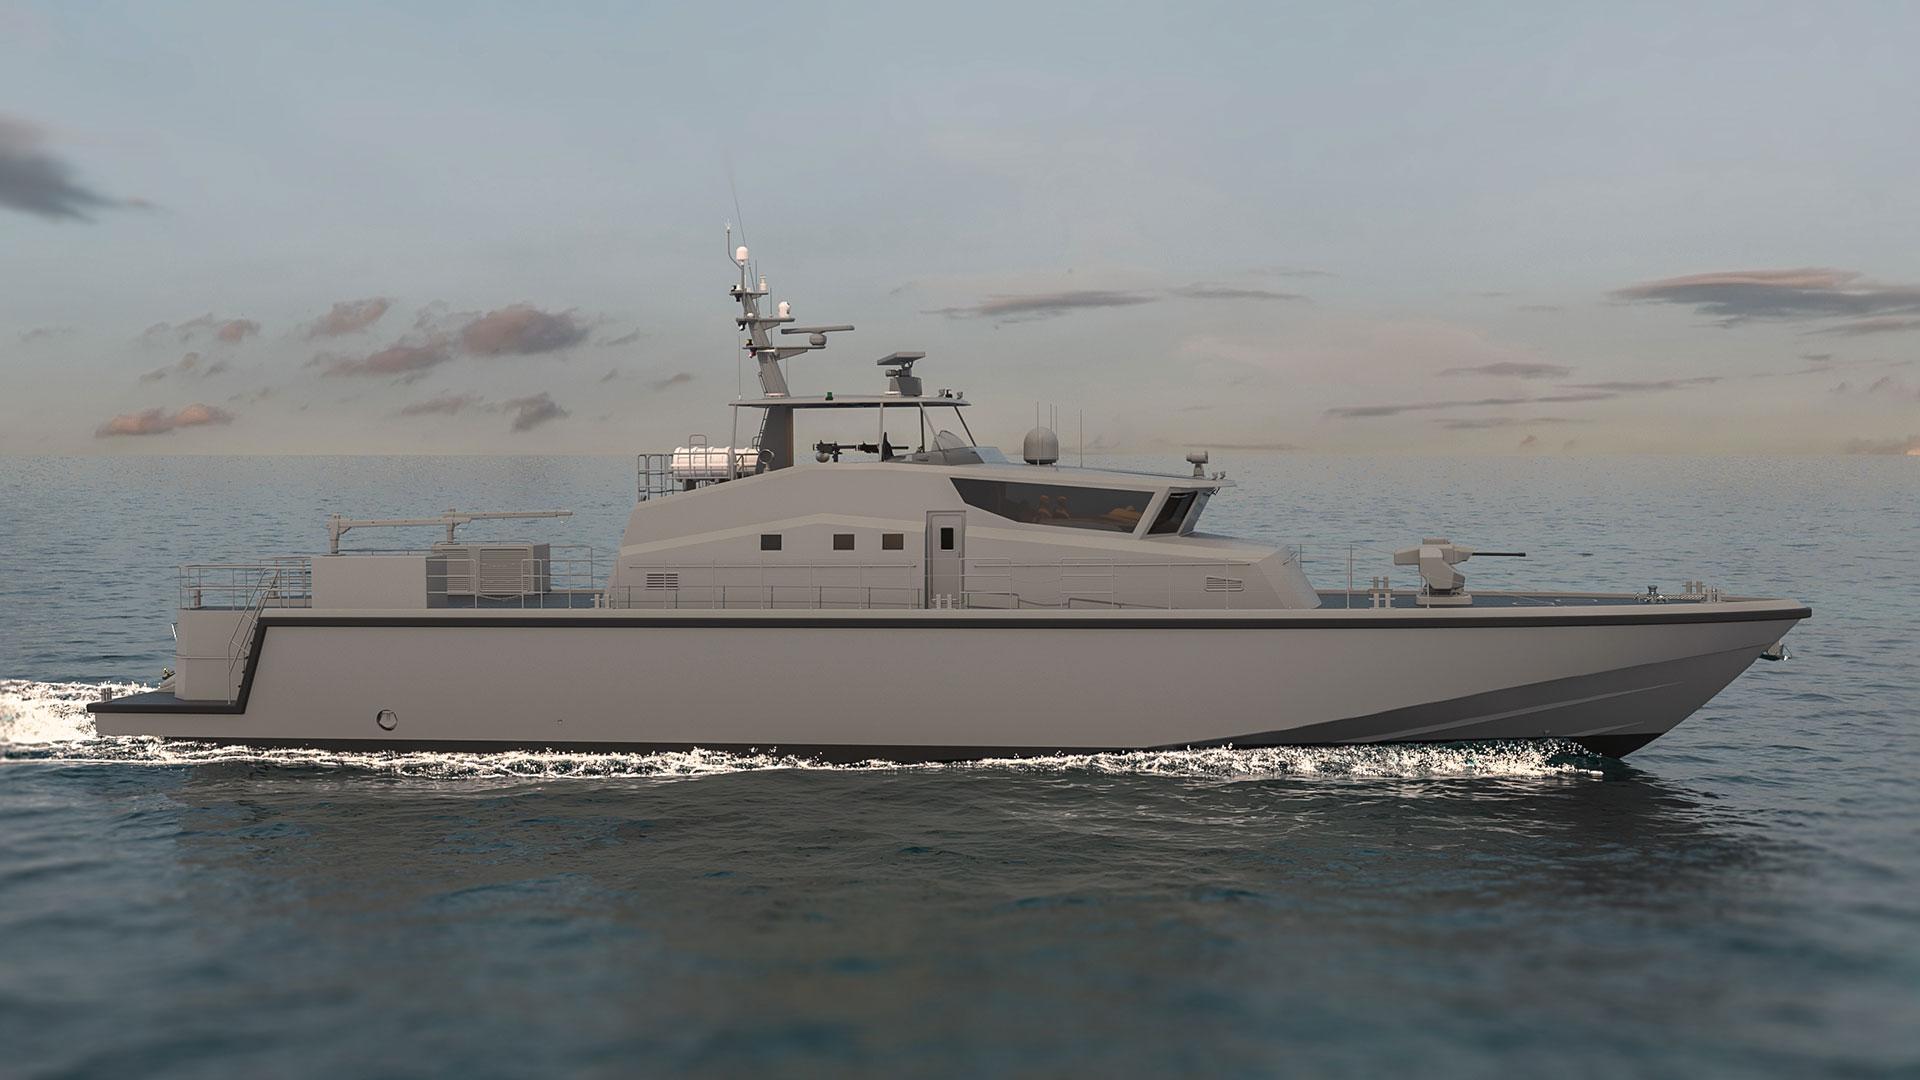 images/vessels/01-patrol-craft/02-series-hercules/04-ares-115-hercules/01_1614008126.jpg